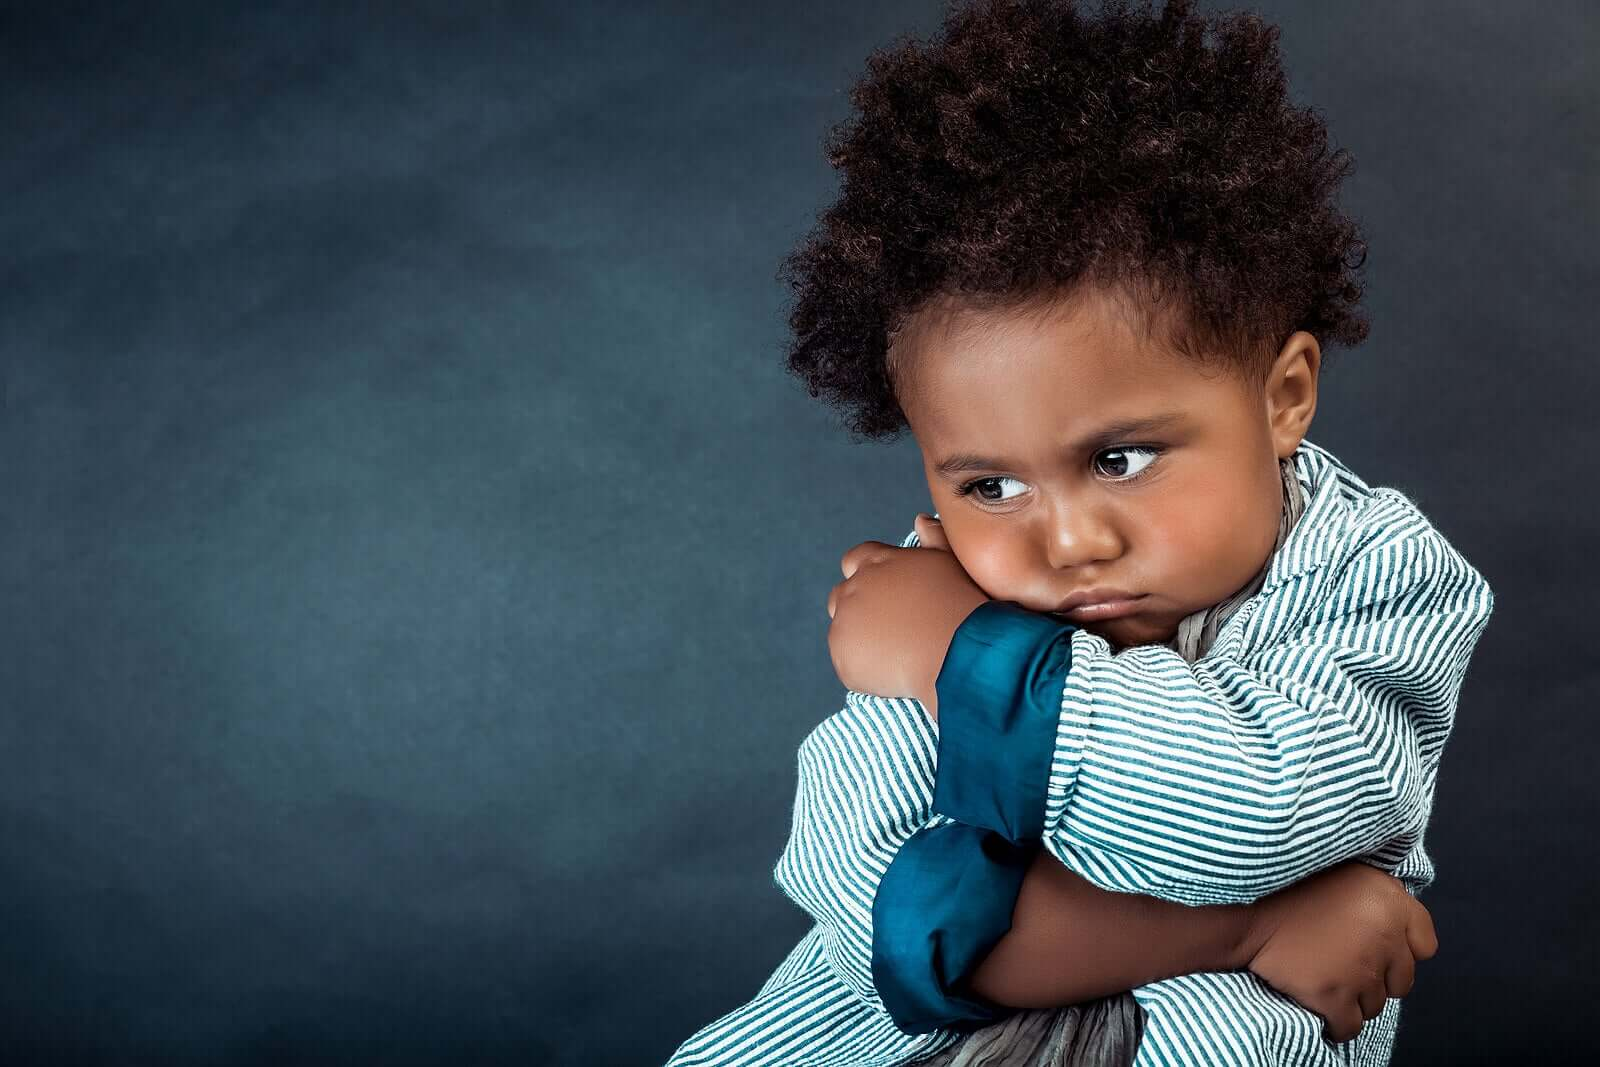 estratégias úteis para controlar a raiva em crianças